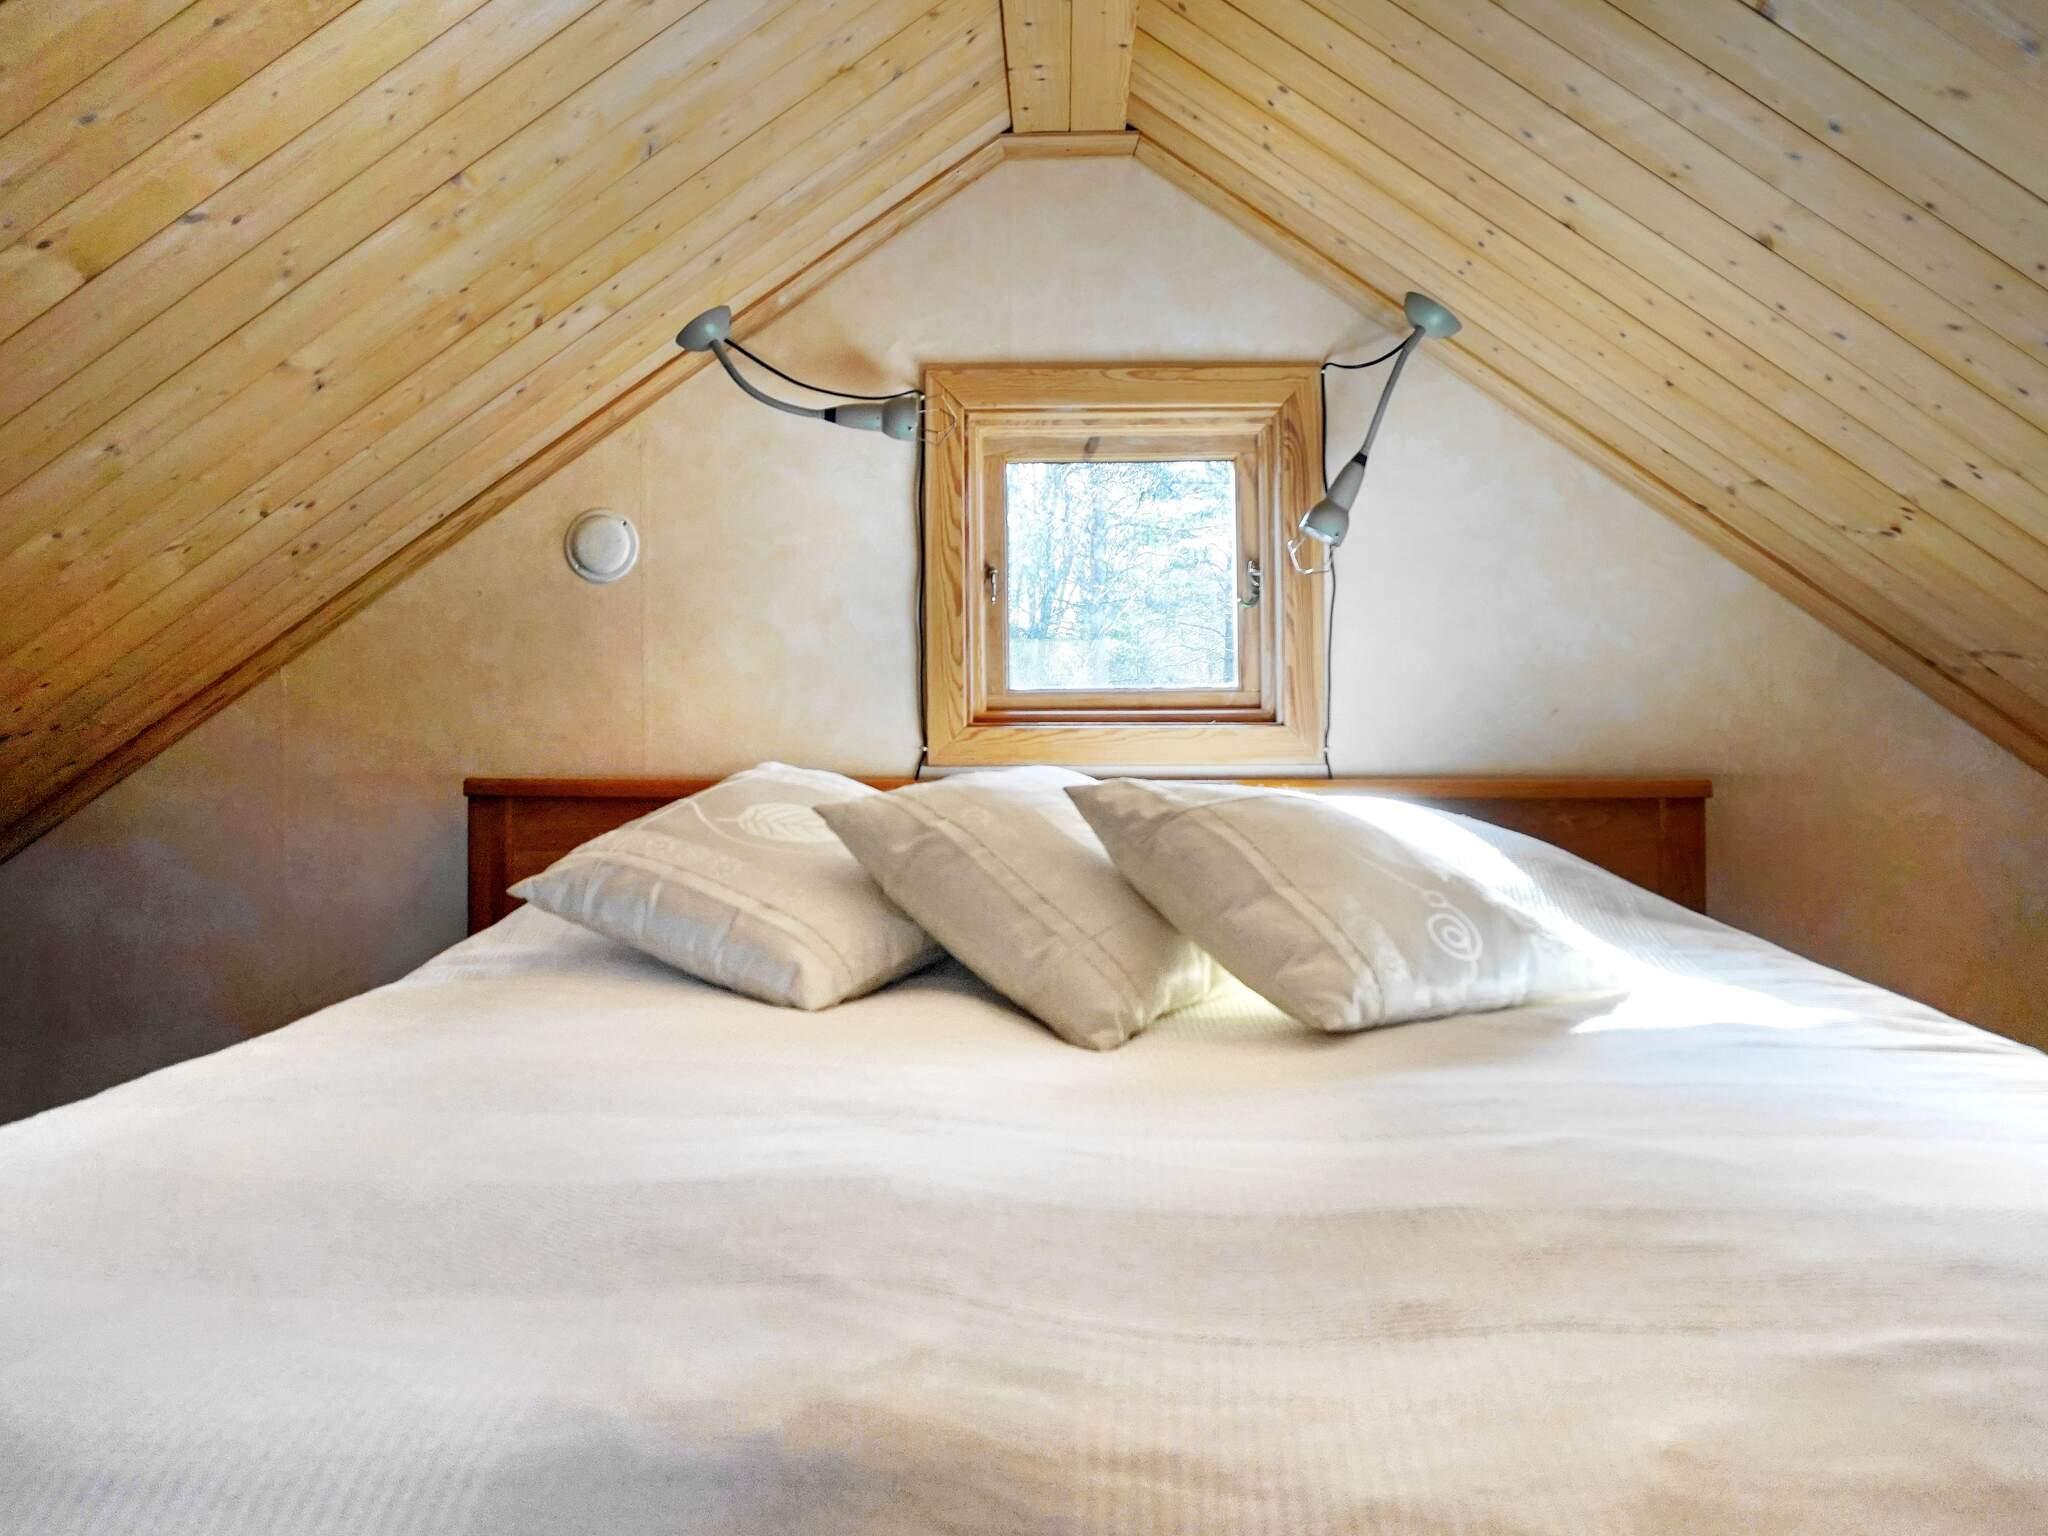 Ferienhaus Orust/Flatön (2781171), Ellös, Västra Götaland län, Westschweden, Schweden, Bild 8